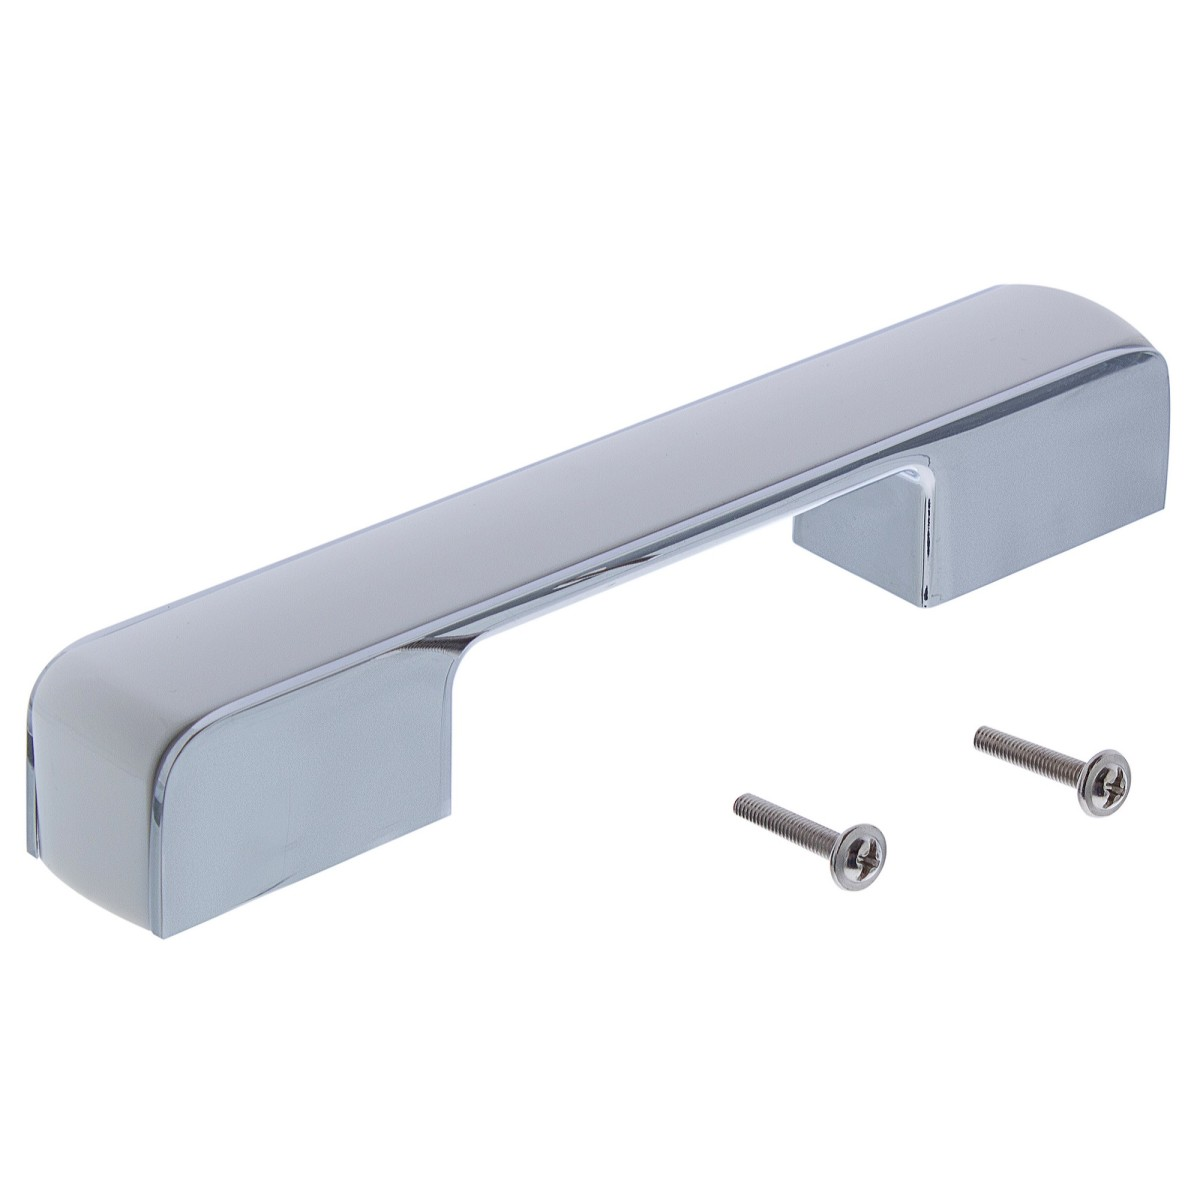 Ручка-Скоба Boyard Rs266cp/W4 160 Металл Цвет Глянцевый Хром